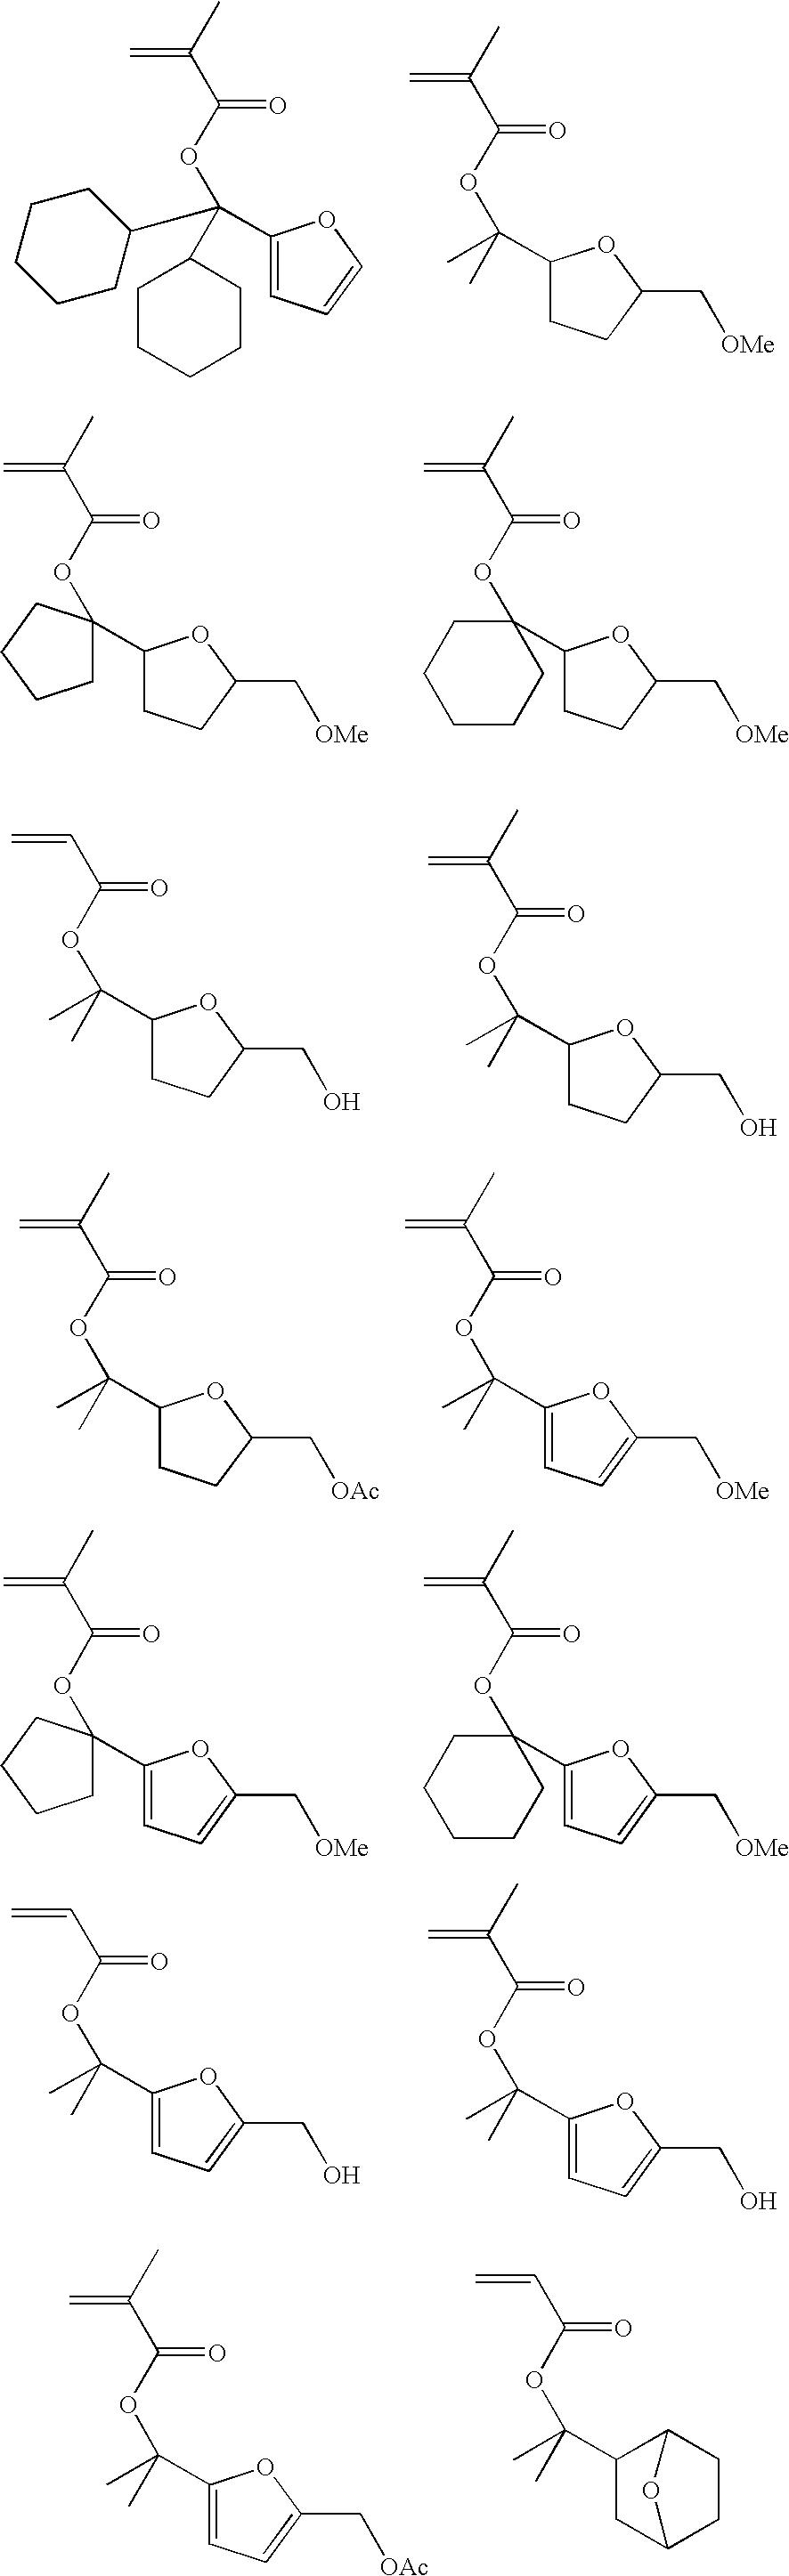 Figure US20100178617A1-20100715-C00029